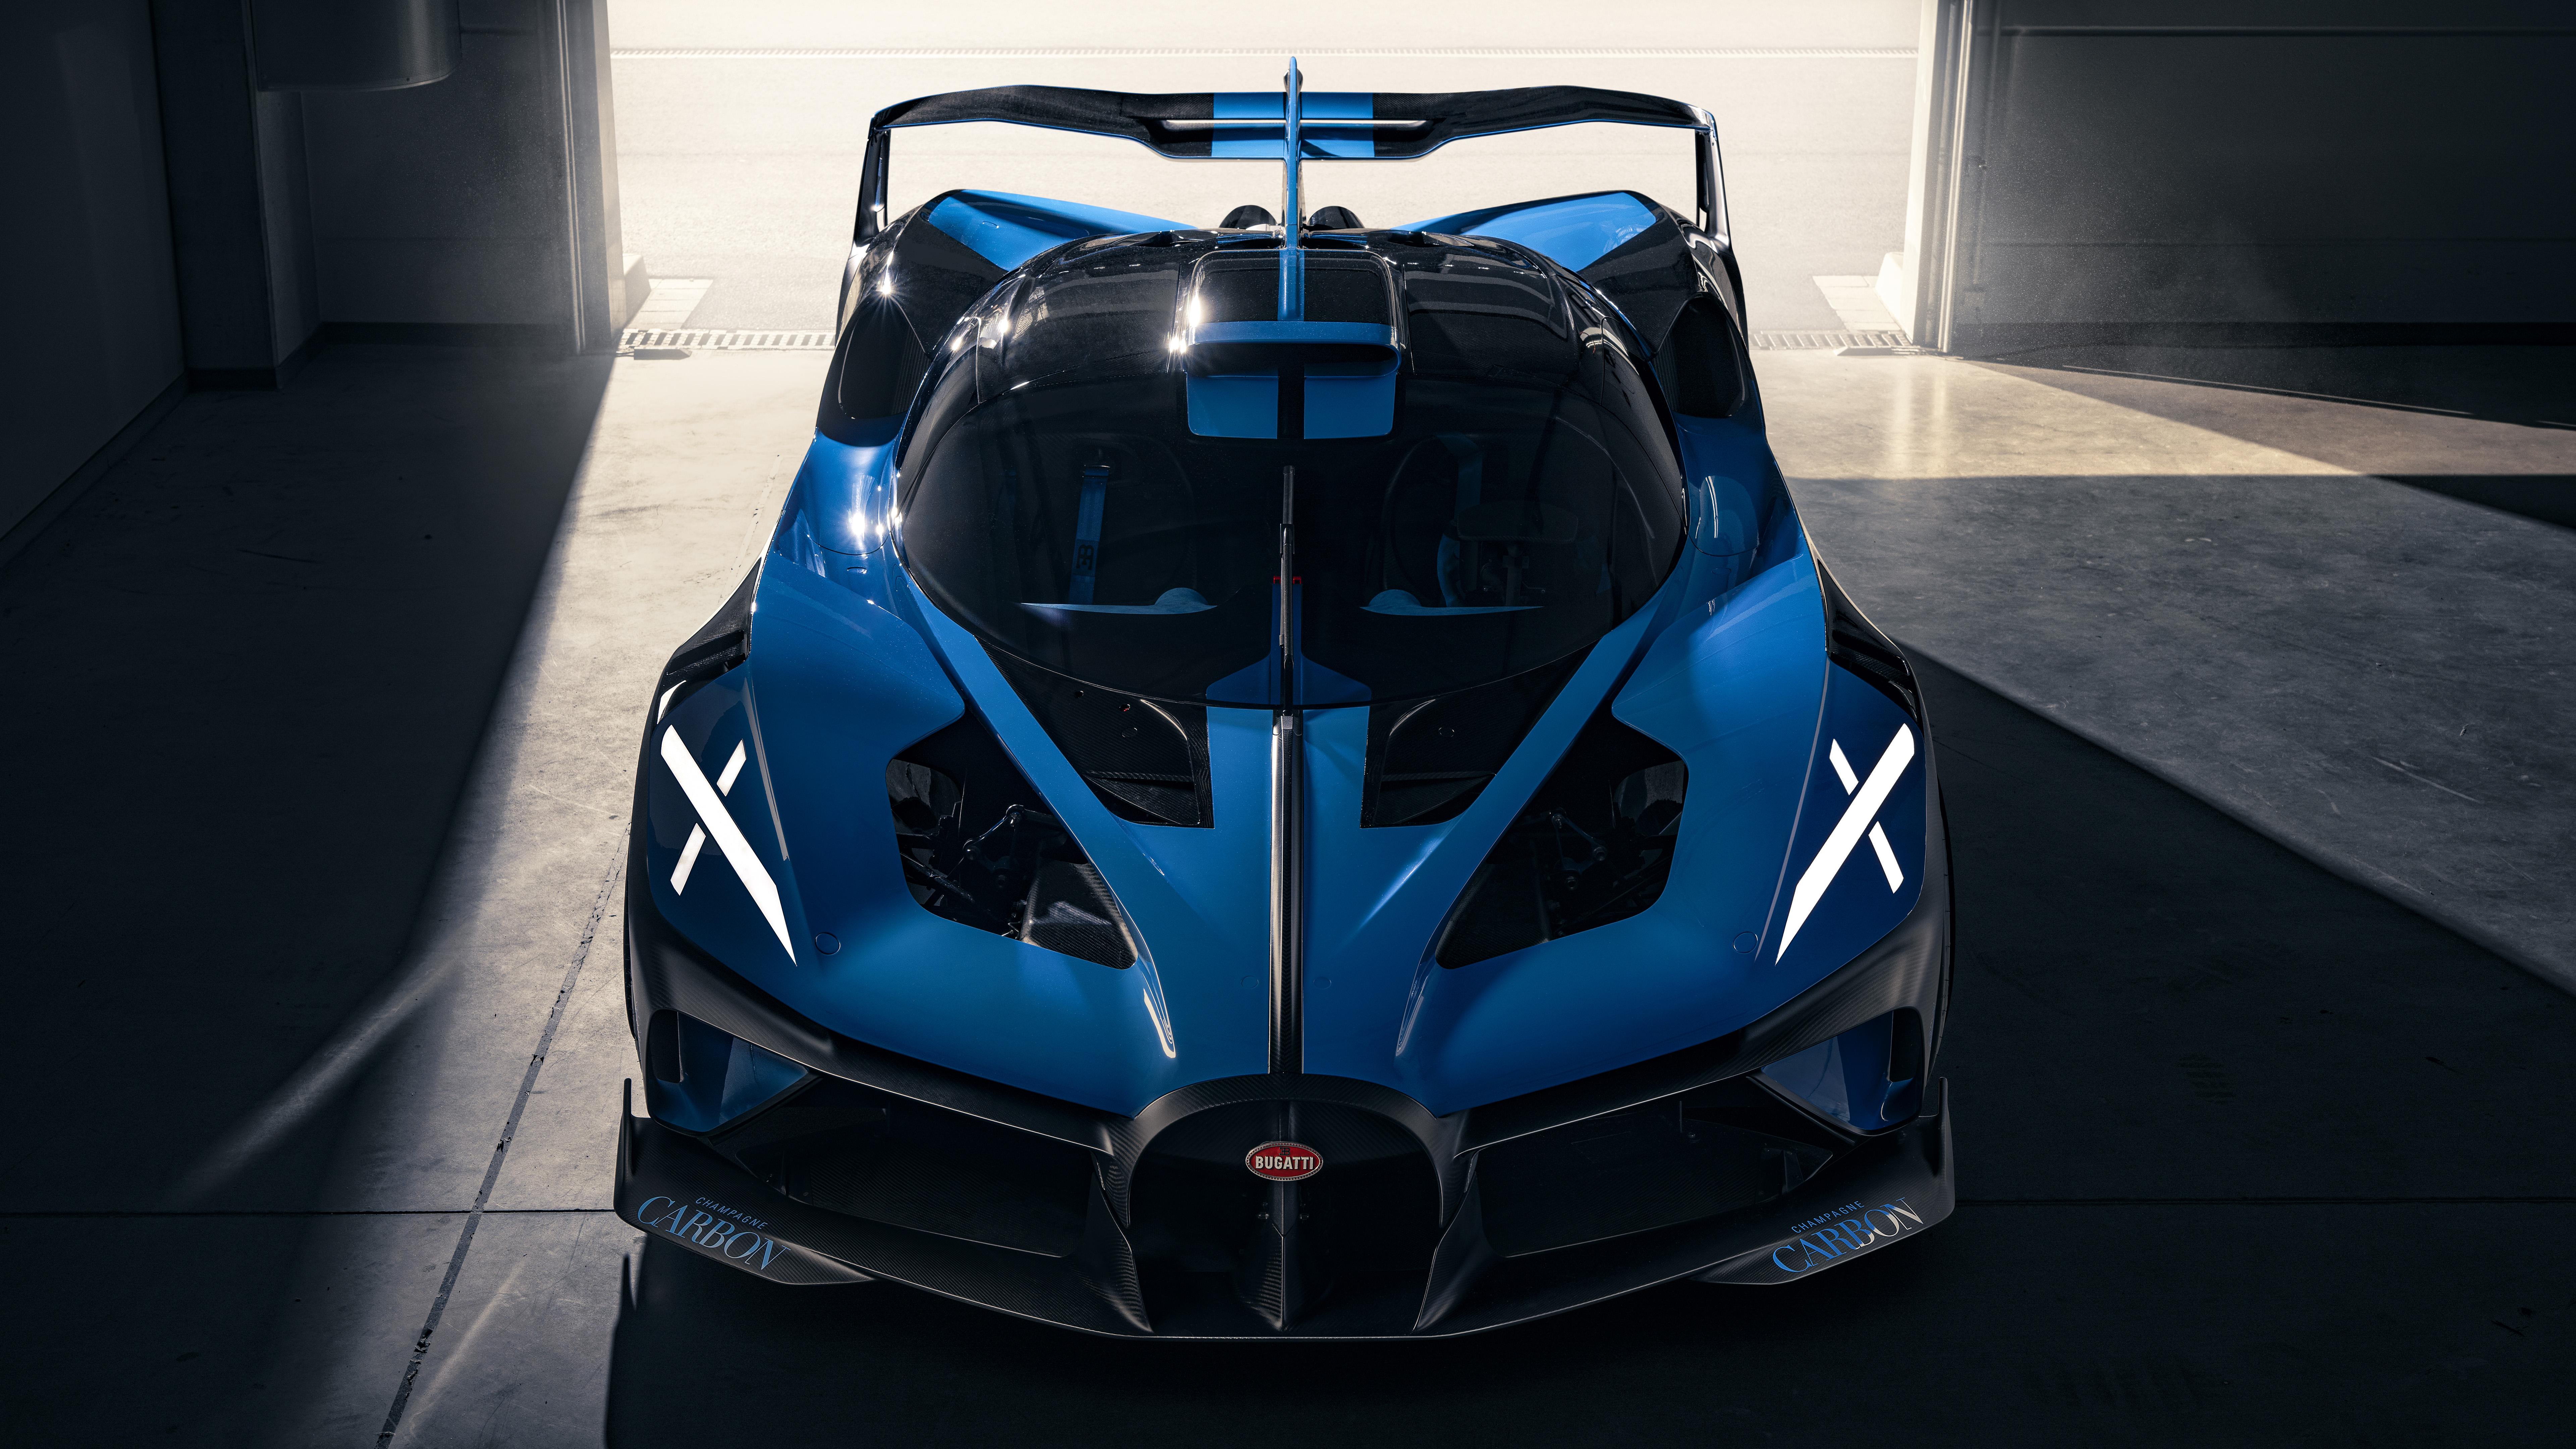 bugatti bolide 2021 4k 1608916861 1 - Bugatti Bolide 2021 4k - Bugatti Bolide 2021 4k wallpapers